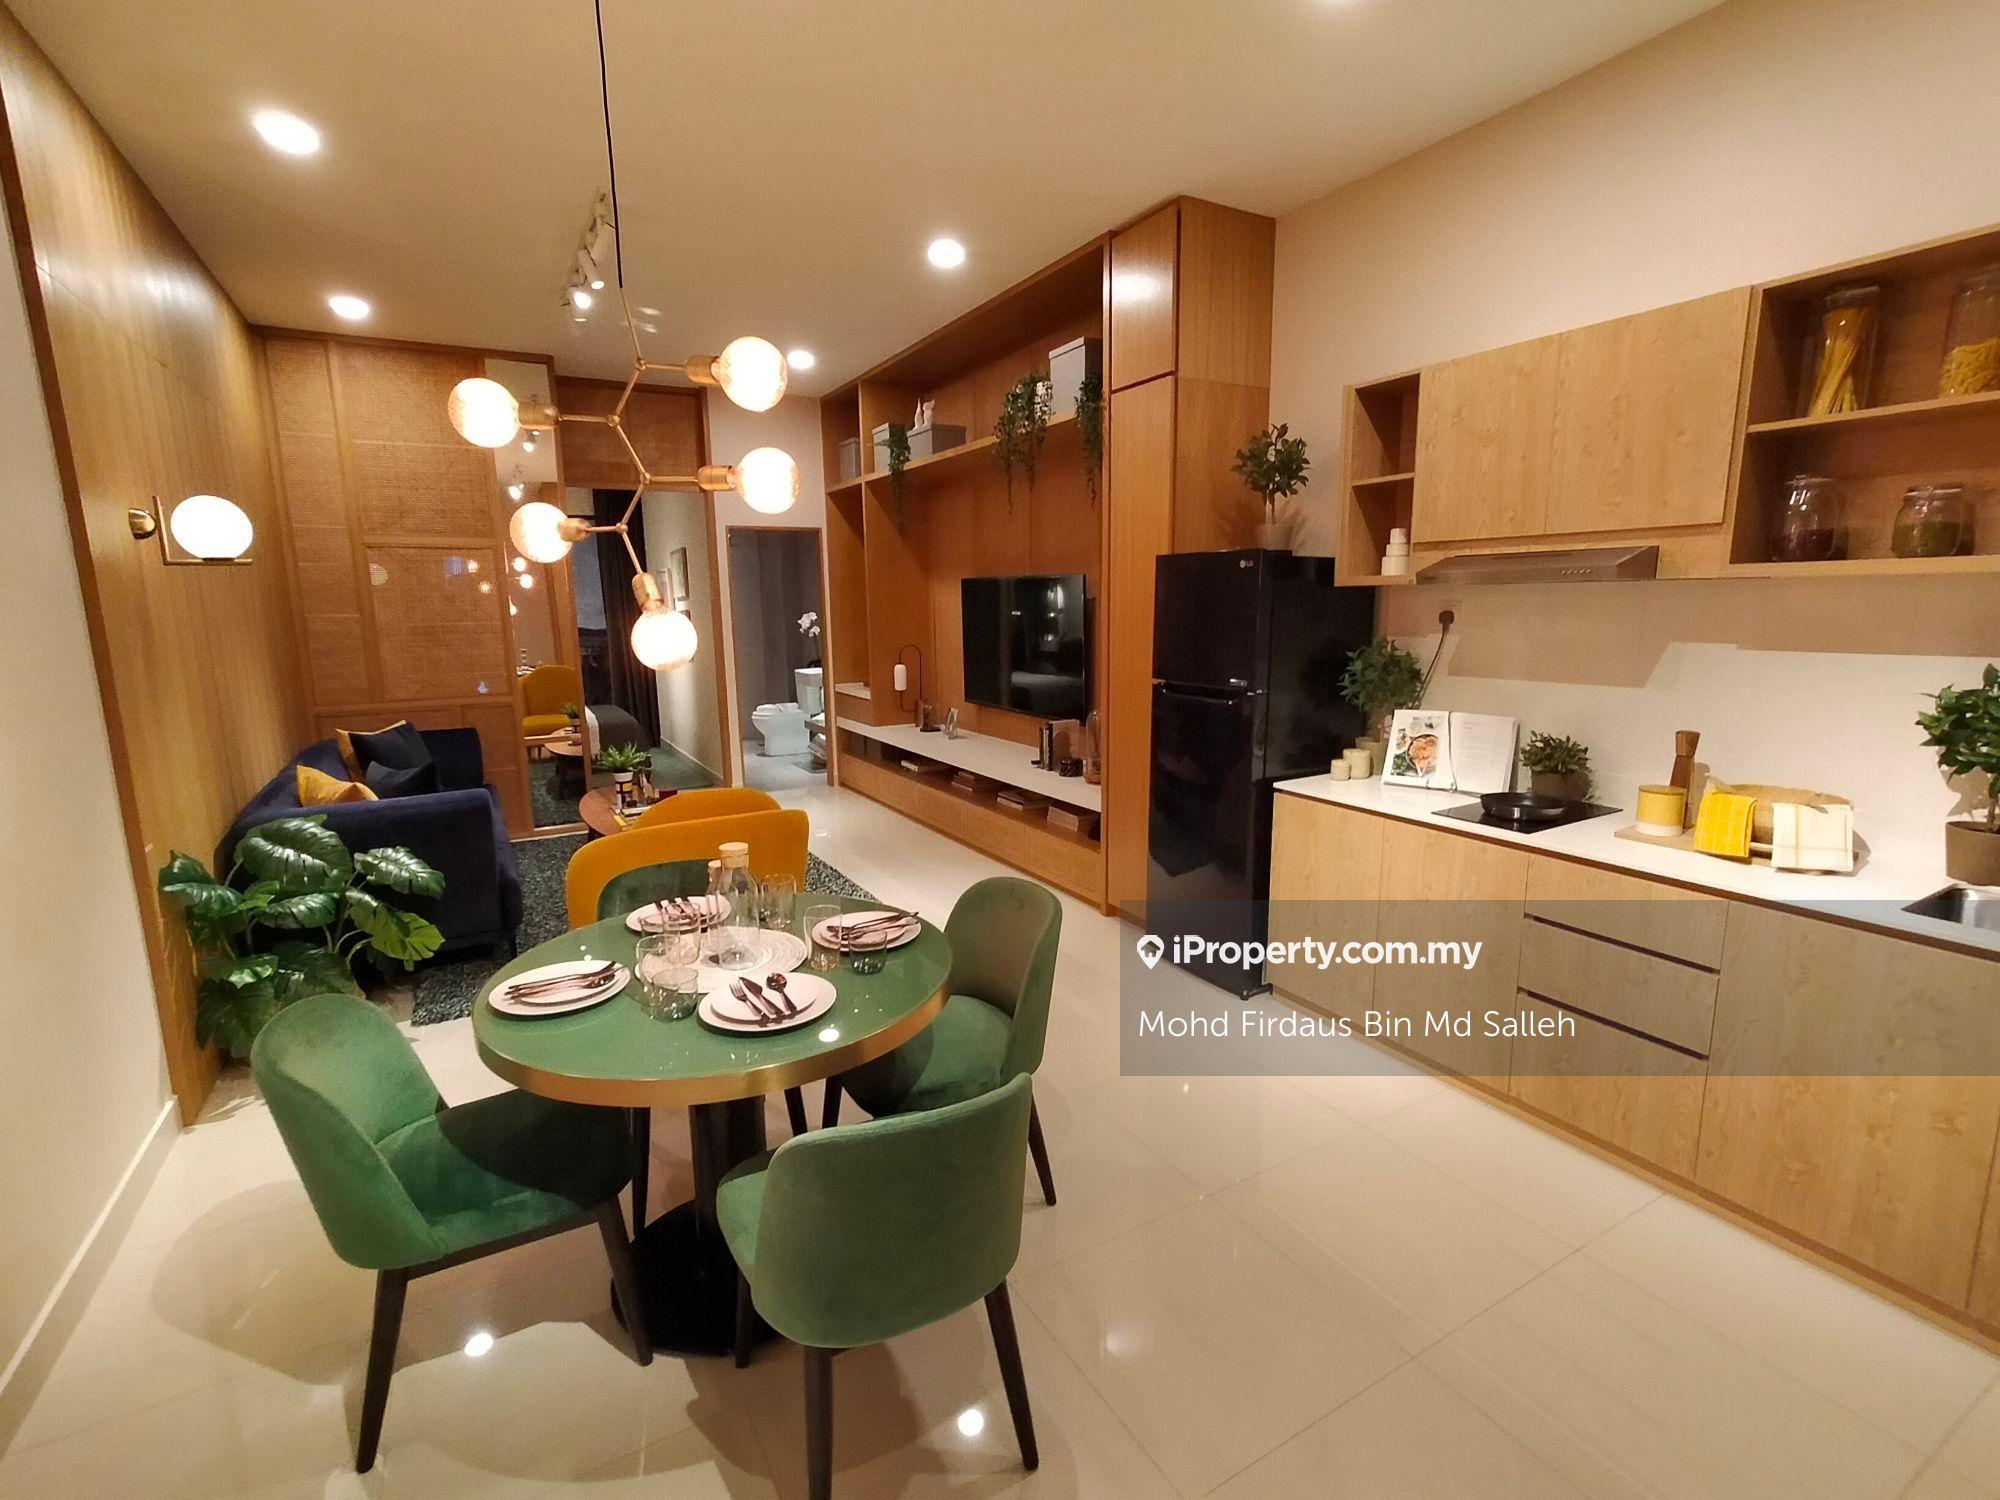 Habitus  (Denai 128) Unique SOVO and Service Apartment, Denai Alam